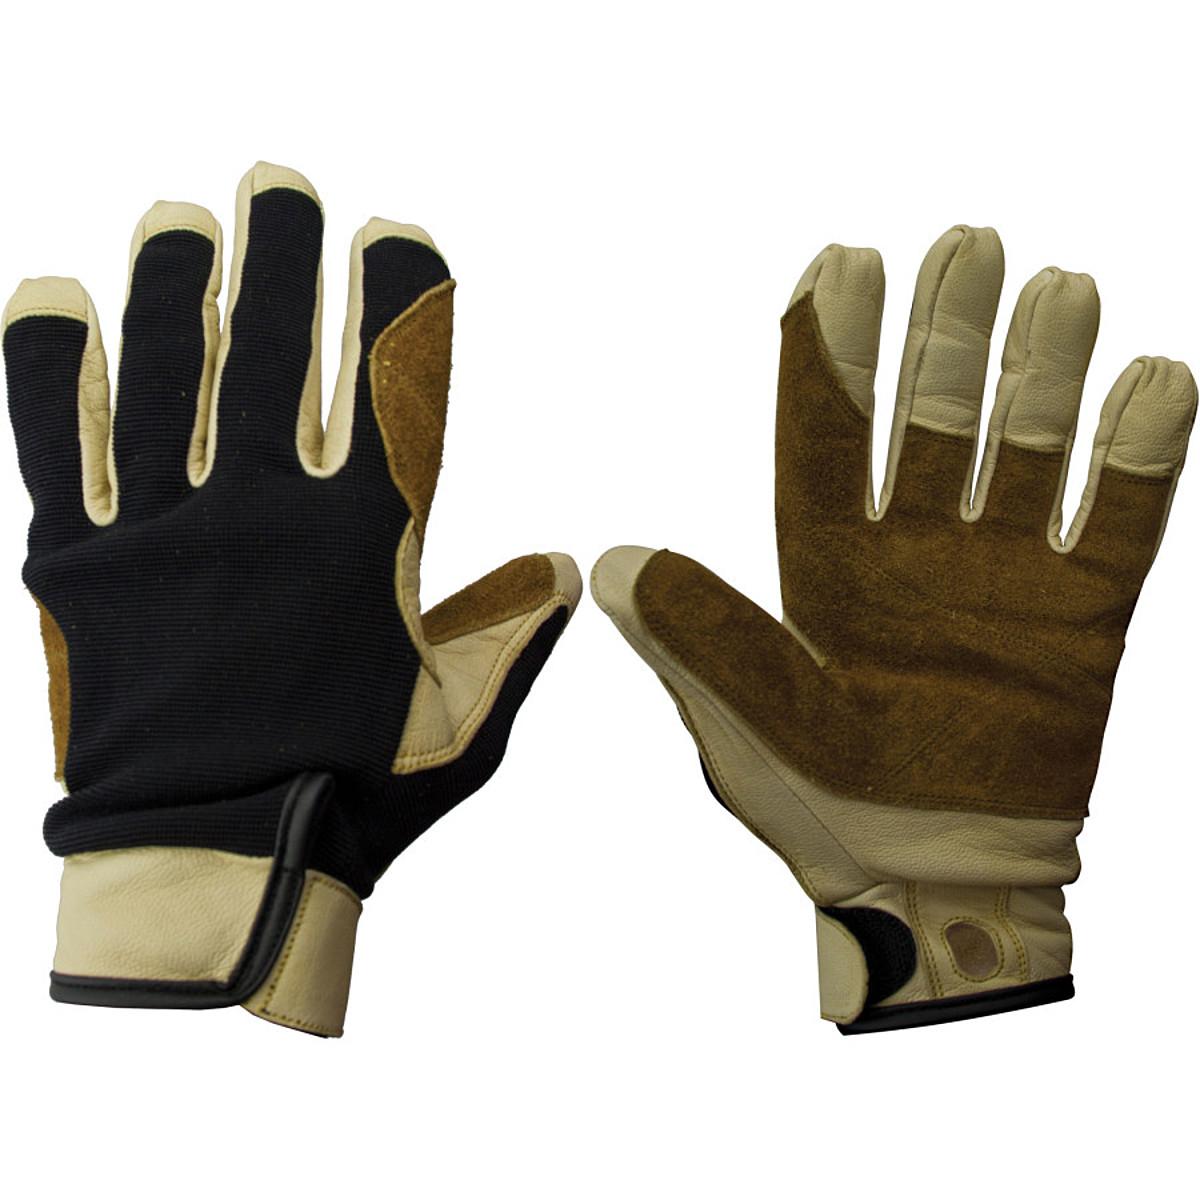 Metolius Grip Glove